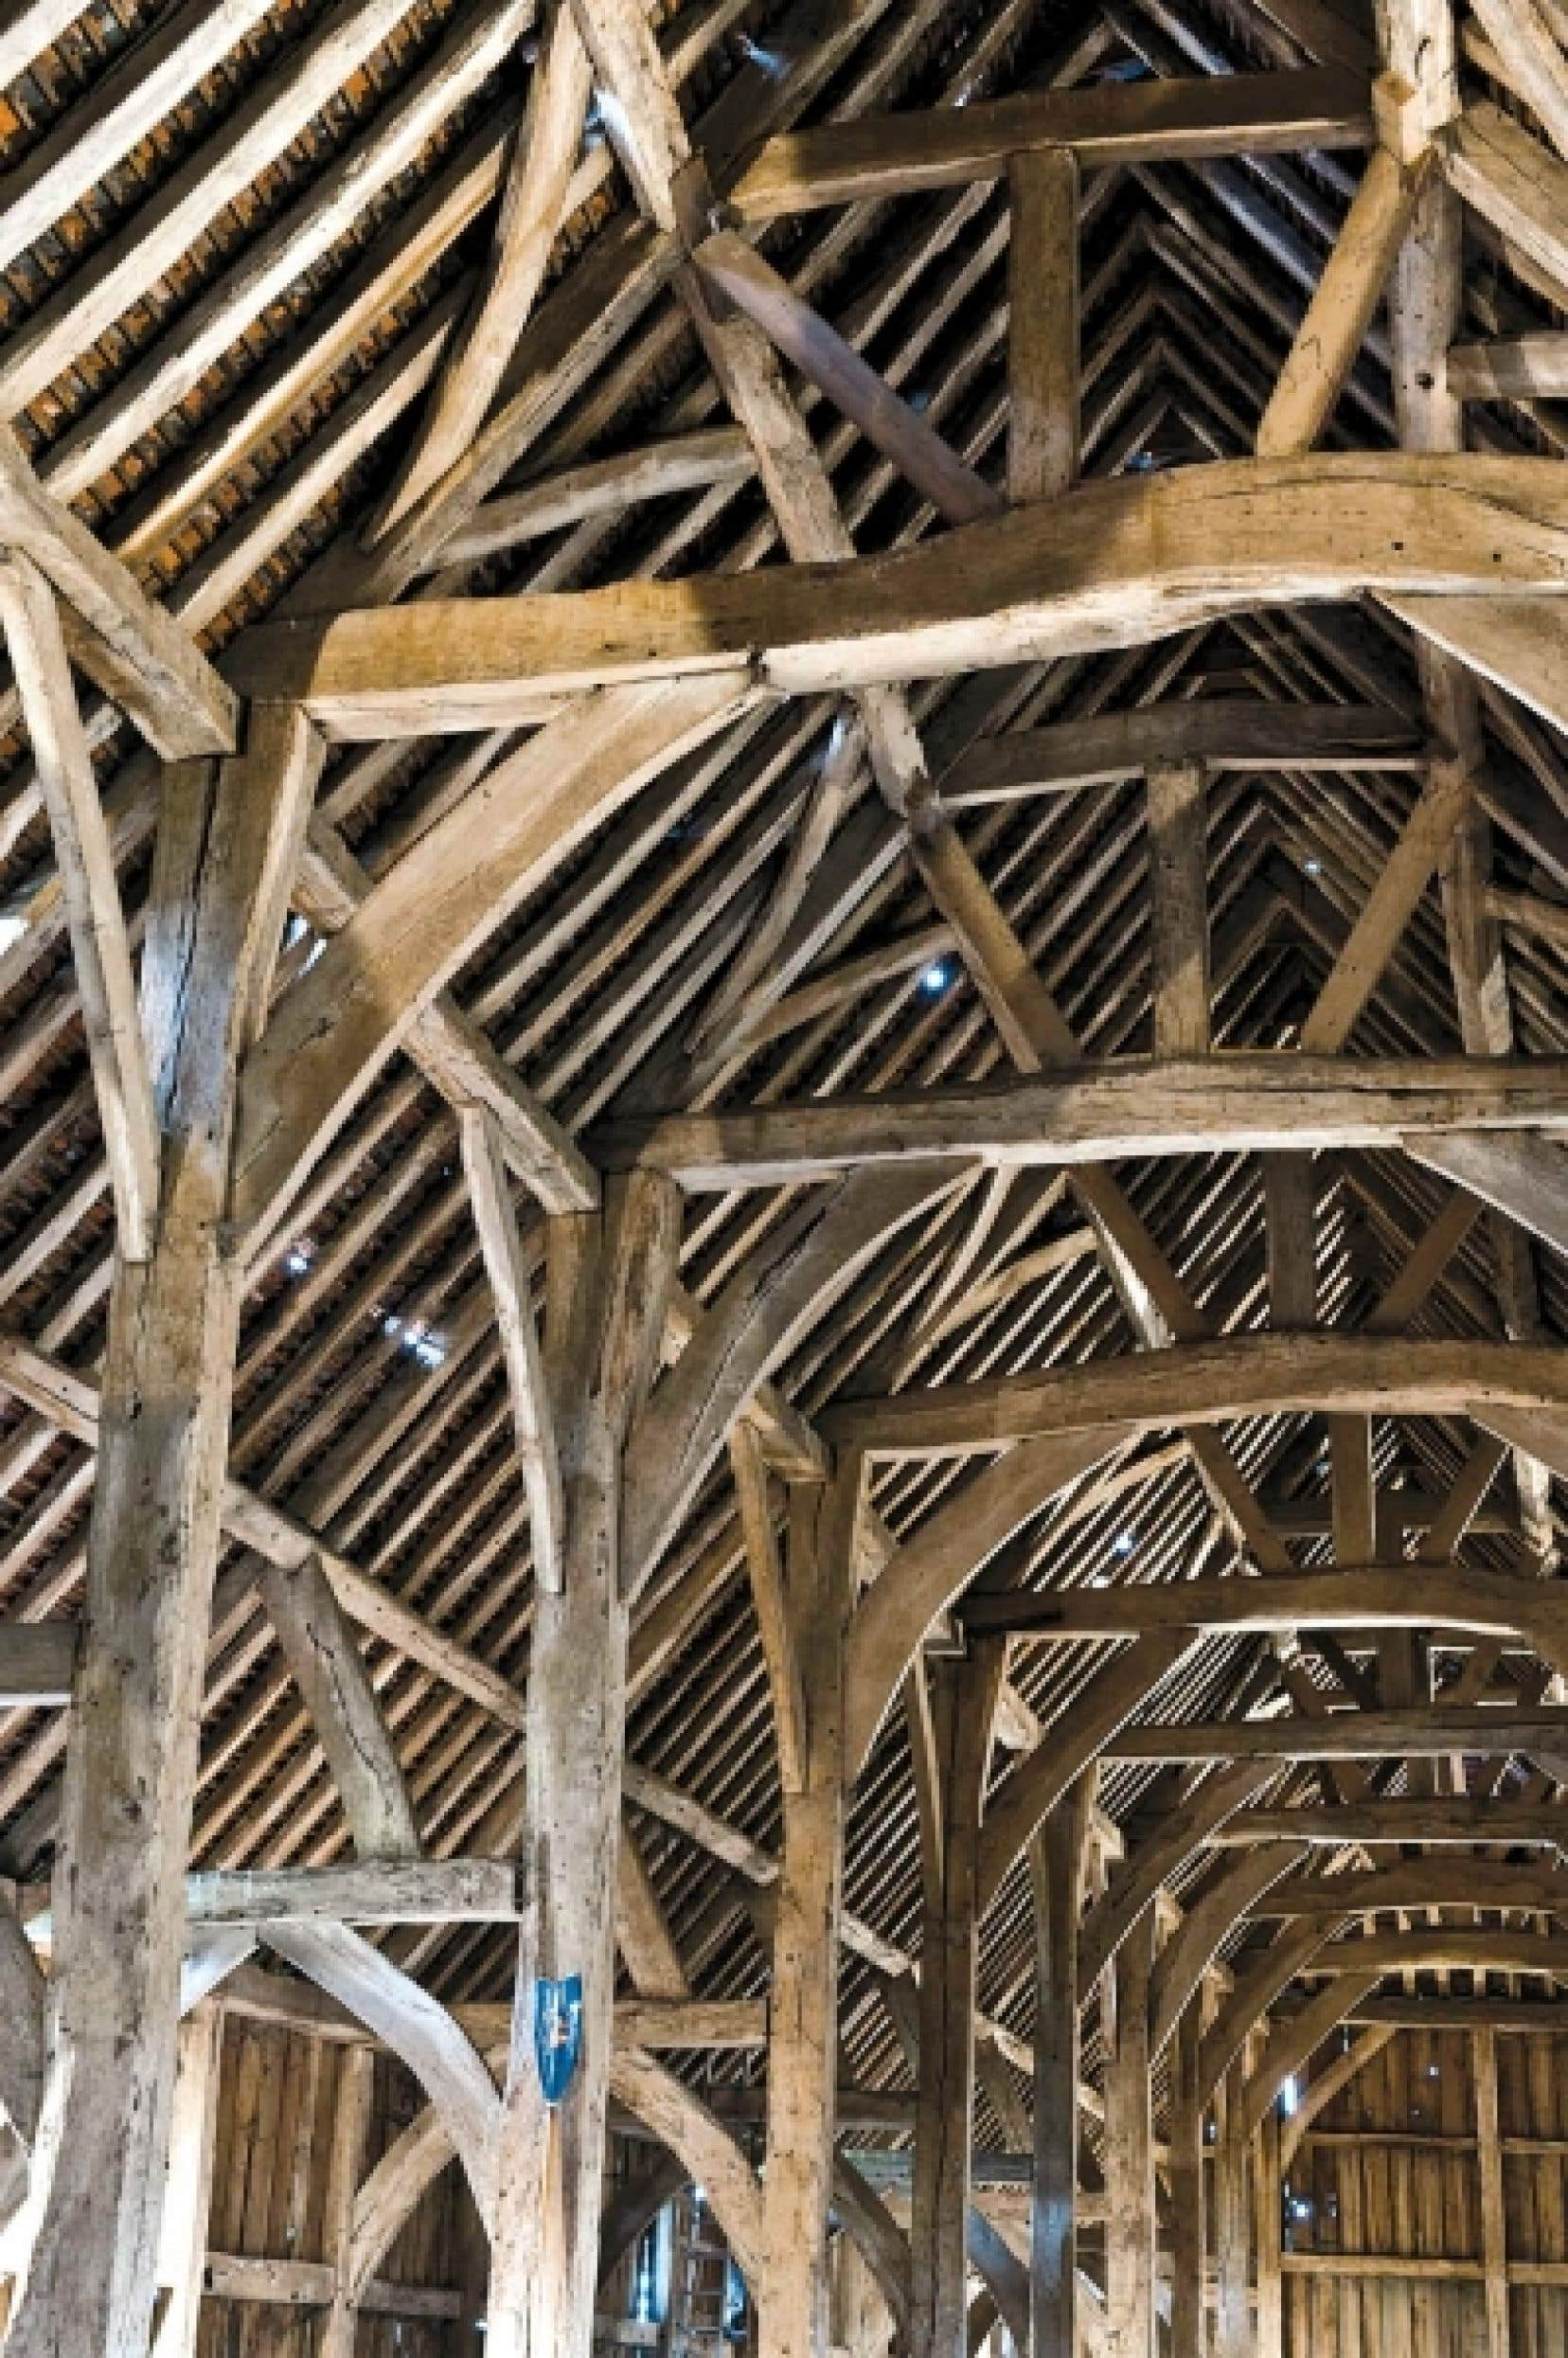 Angleterre une cath drale de bois sauv e des mains de la - La grange du bien etre vendegies au bois ...